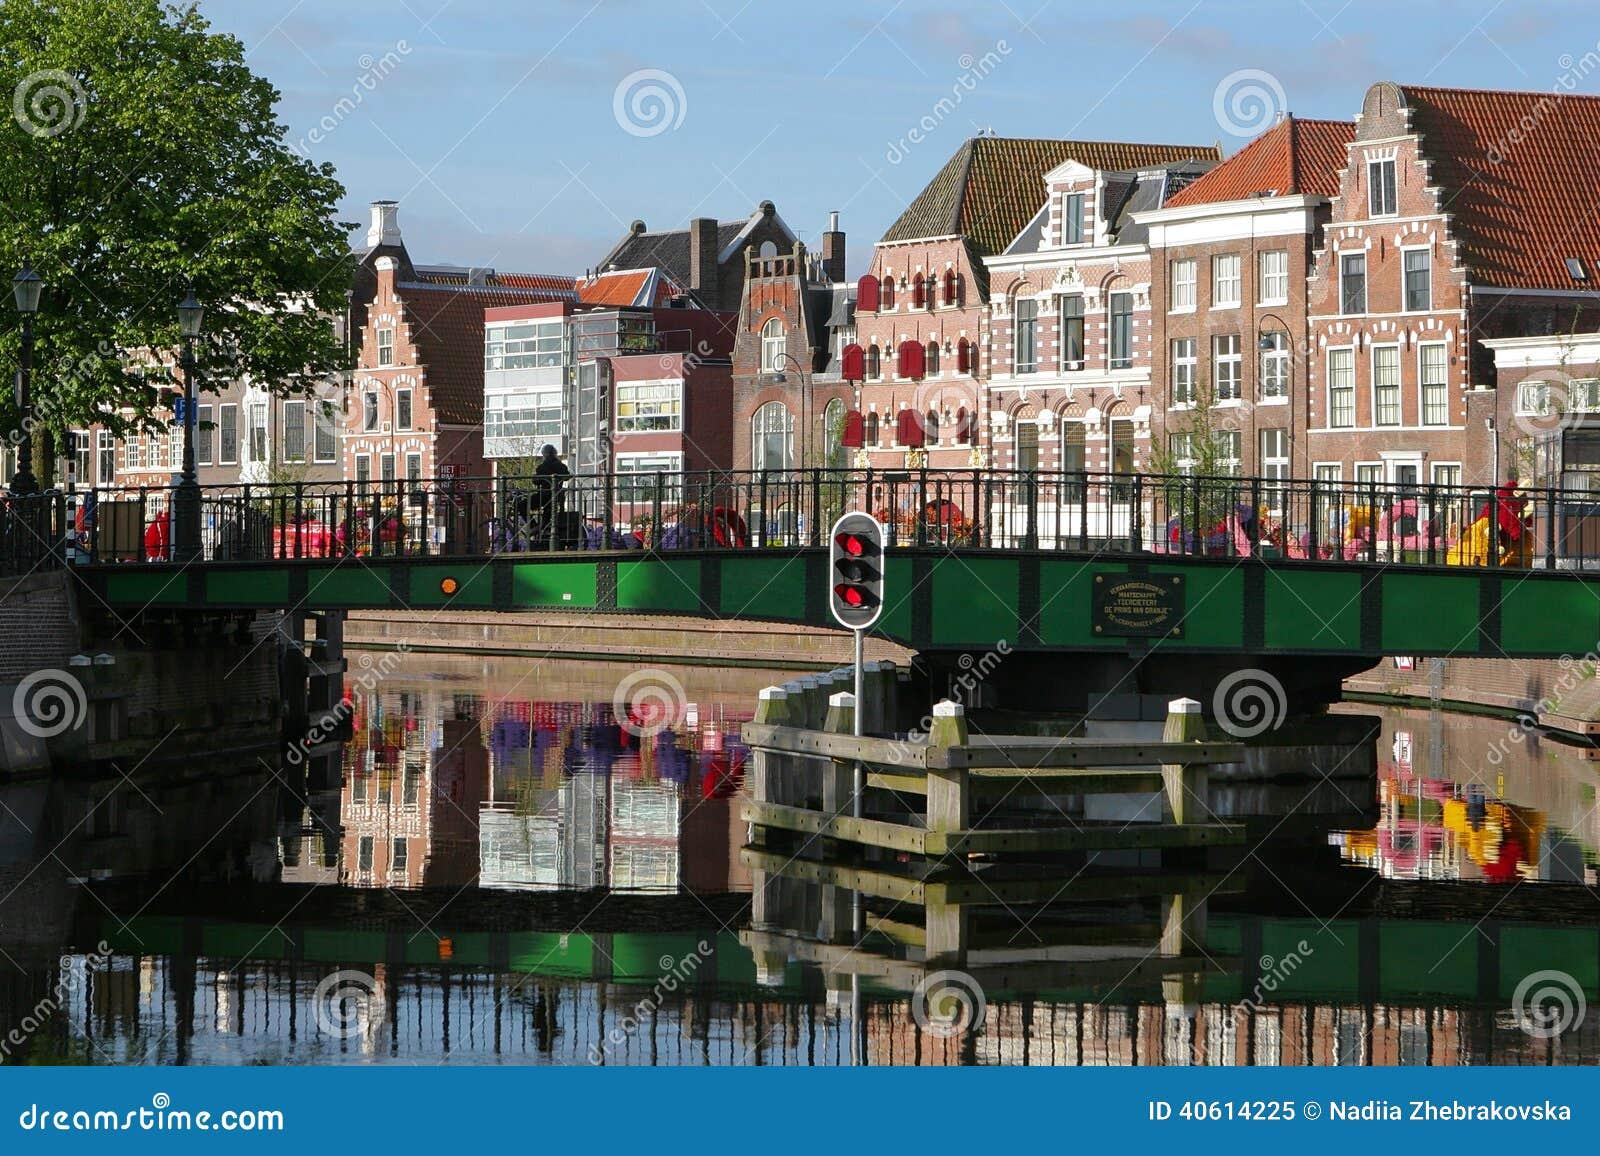 De dijk van Haarlem op een zonnige dag met een mening van de brug